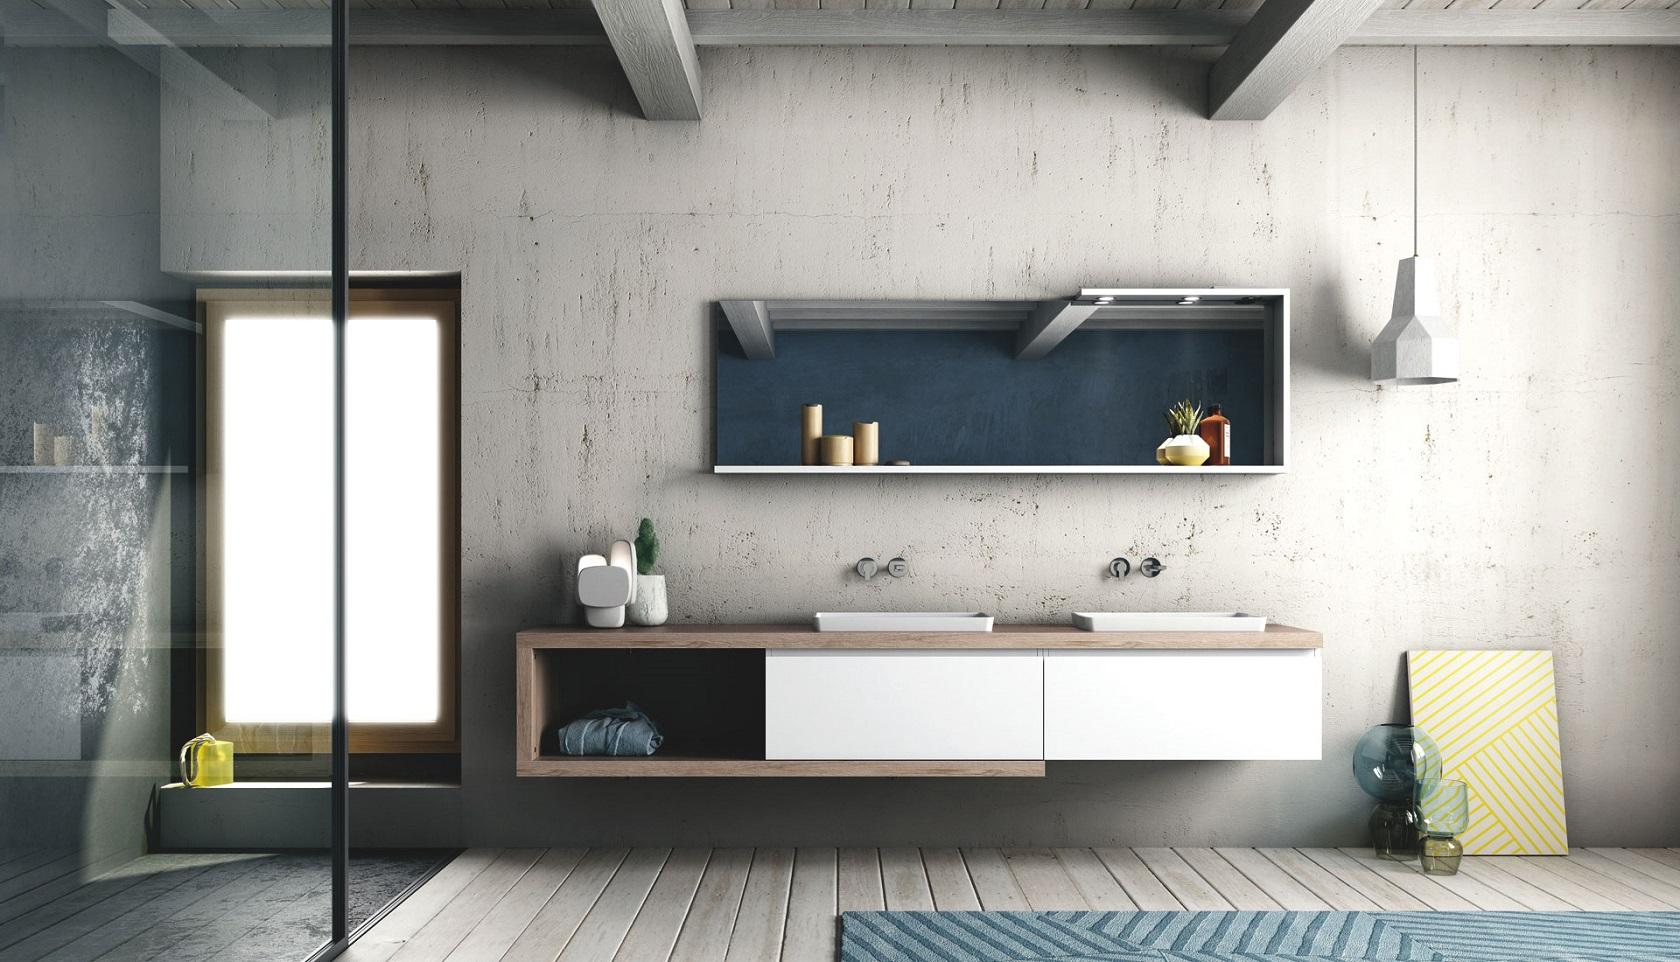 Vasca Da Bagno Miglior Prezzo : Linea bagno srl il miglior prezzo per l arredo bagno